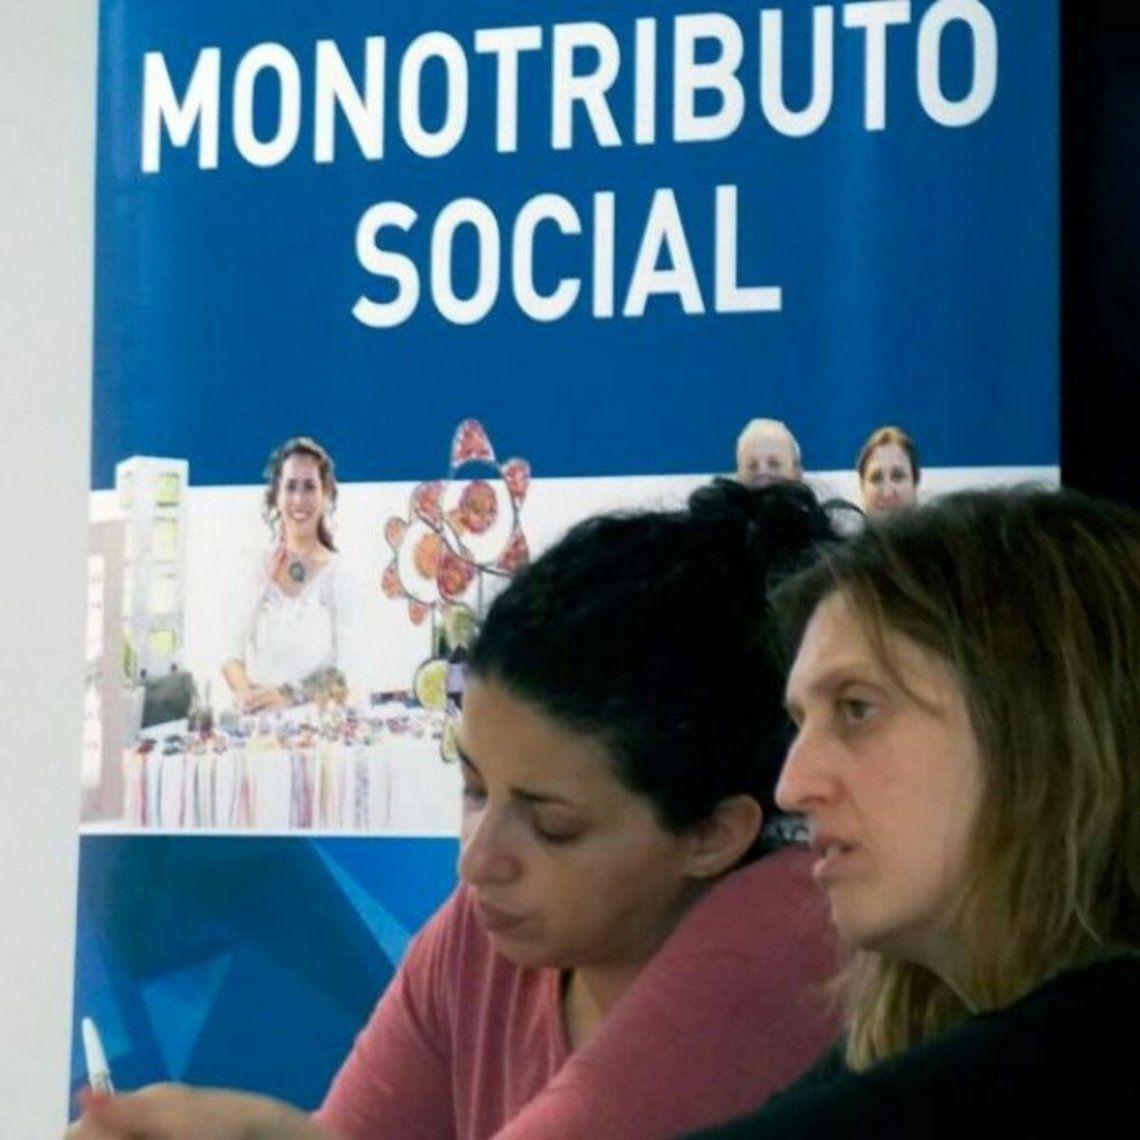 El monotributo social da cobertura a más de 700.000 personas